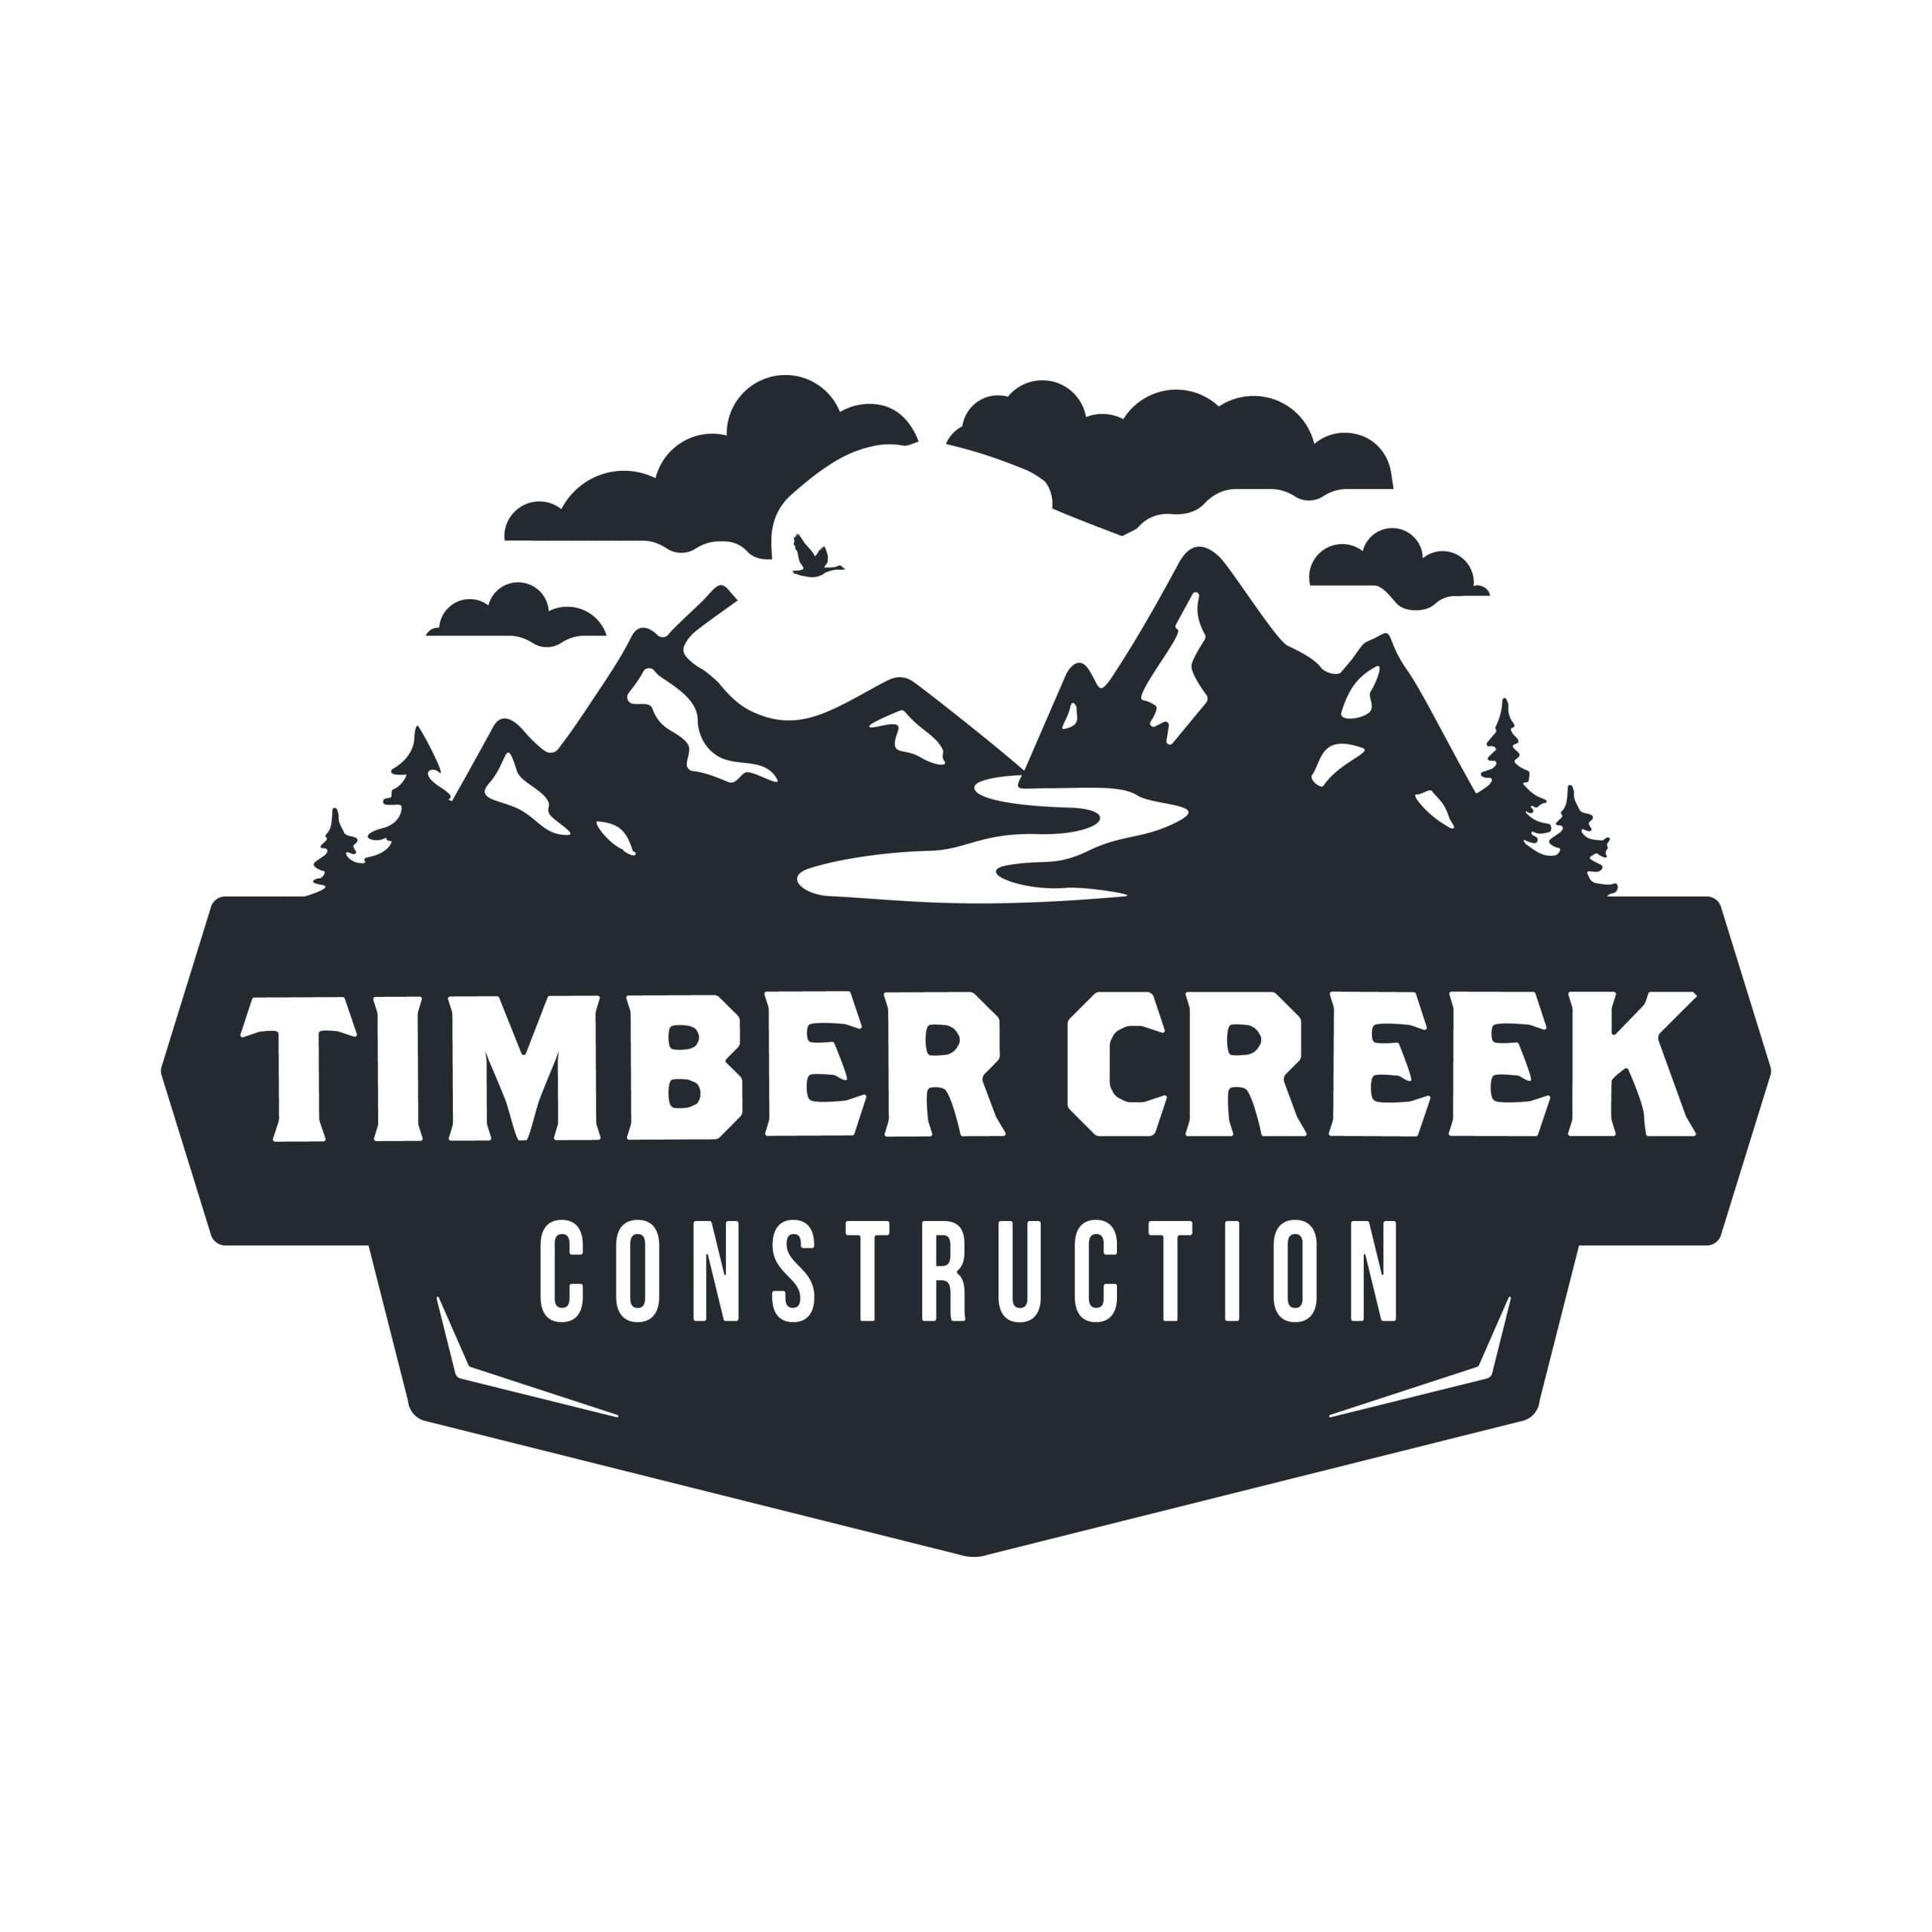 Timber Creek Construction Logo Design